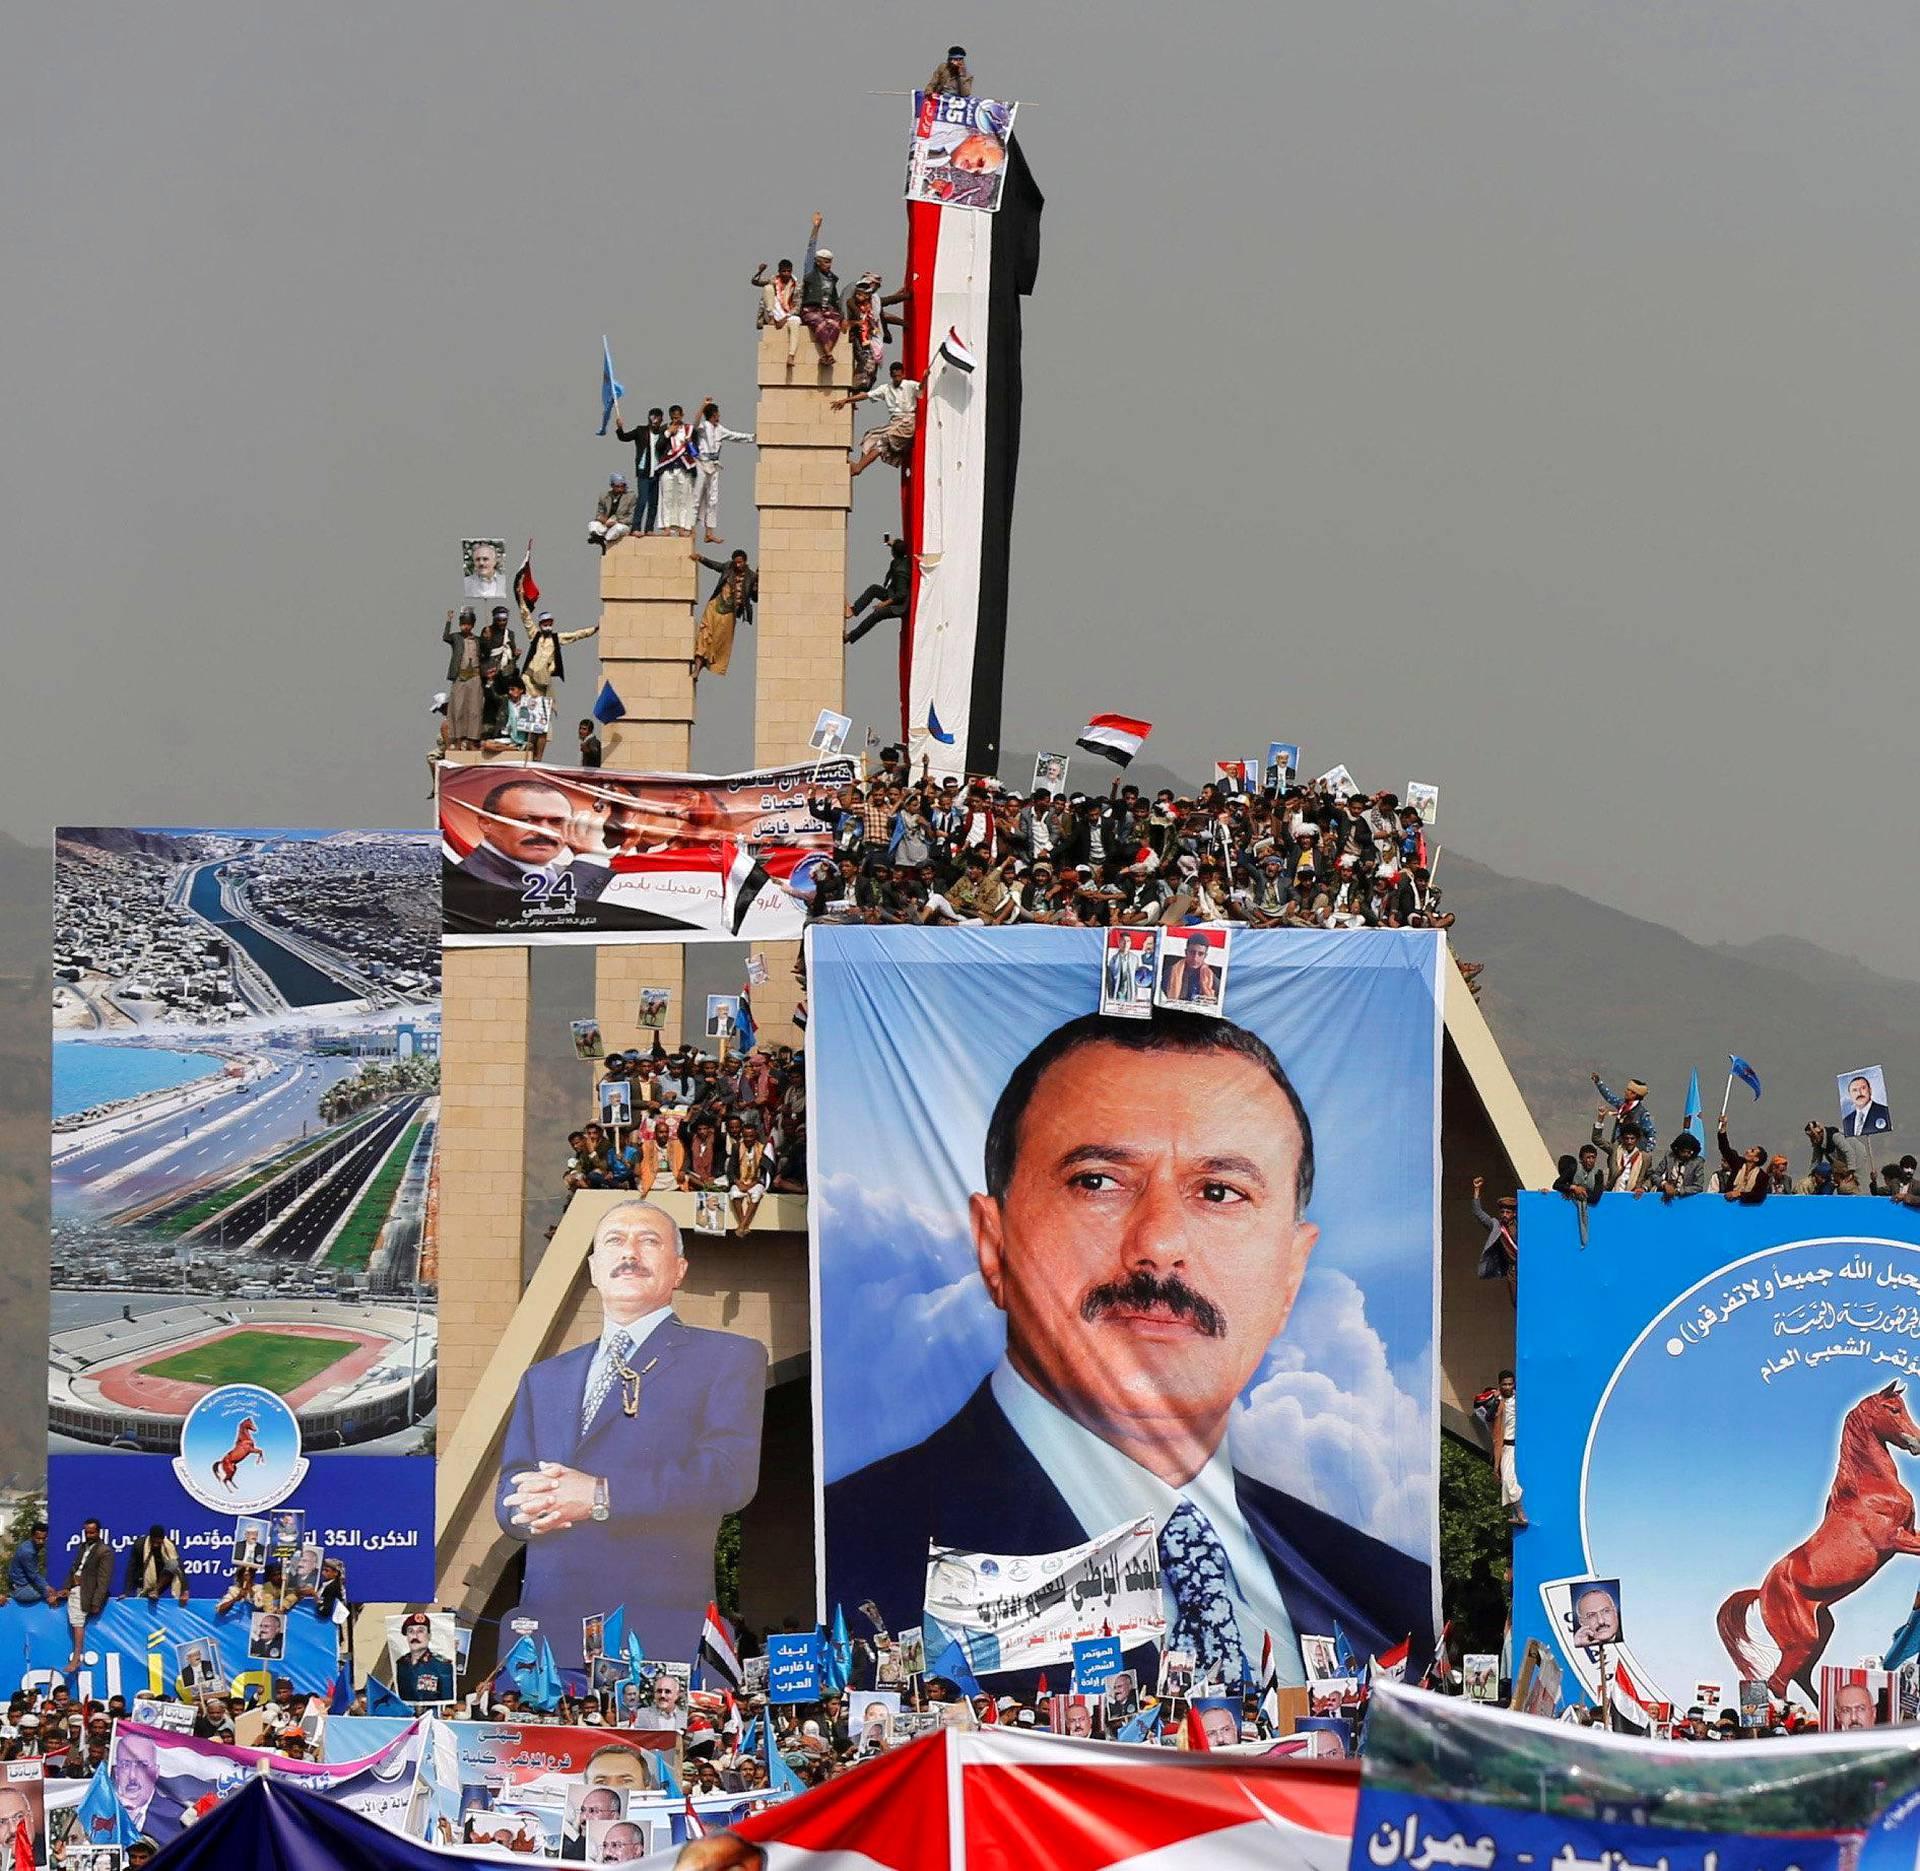 Jemenin entisen presidentin Ali Abdullah Salehin kannattajat osallistuivat Jemenin Sanaassa tapahtumaan, joka juhlisti yleinen kansankongressi -puolueen perustamisen 35:tta vuosipäivää.